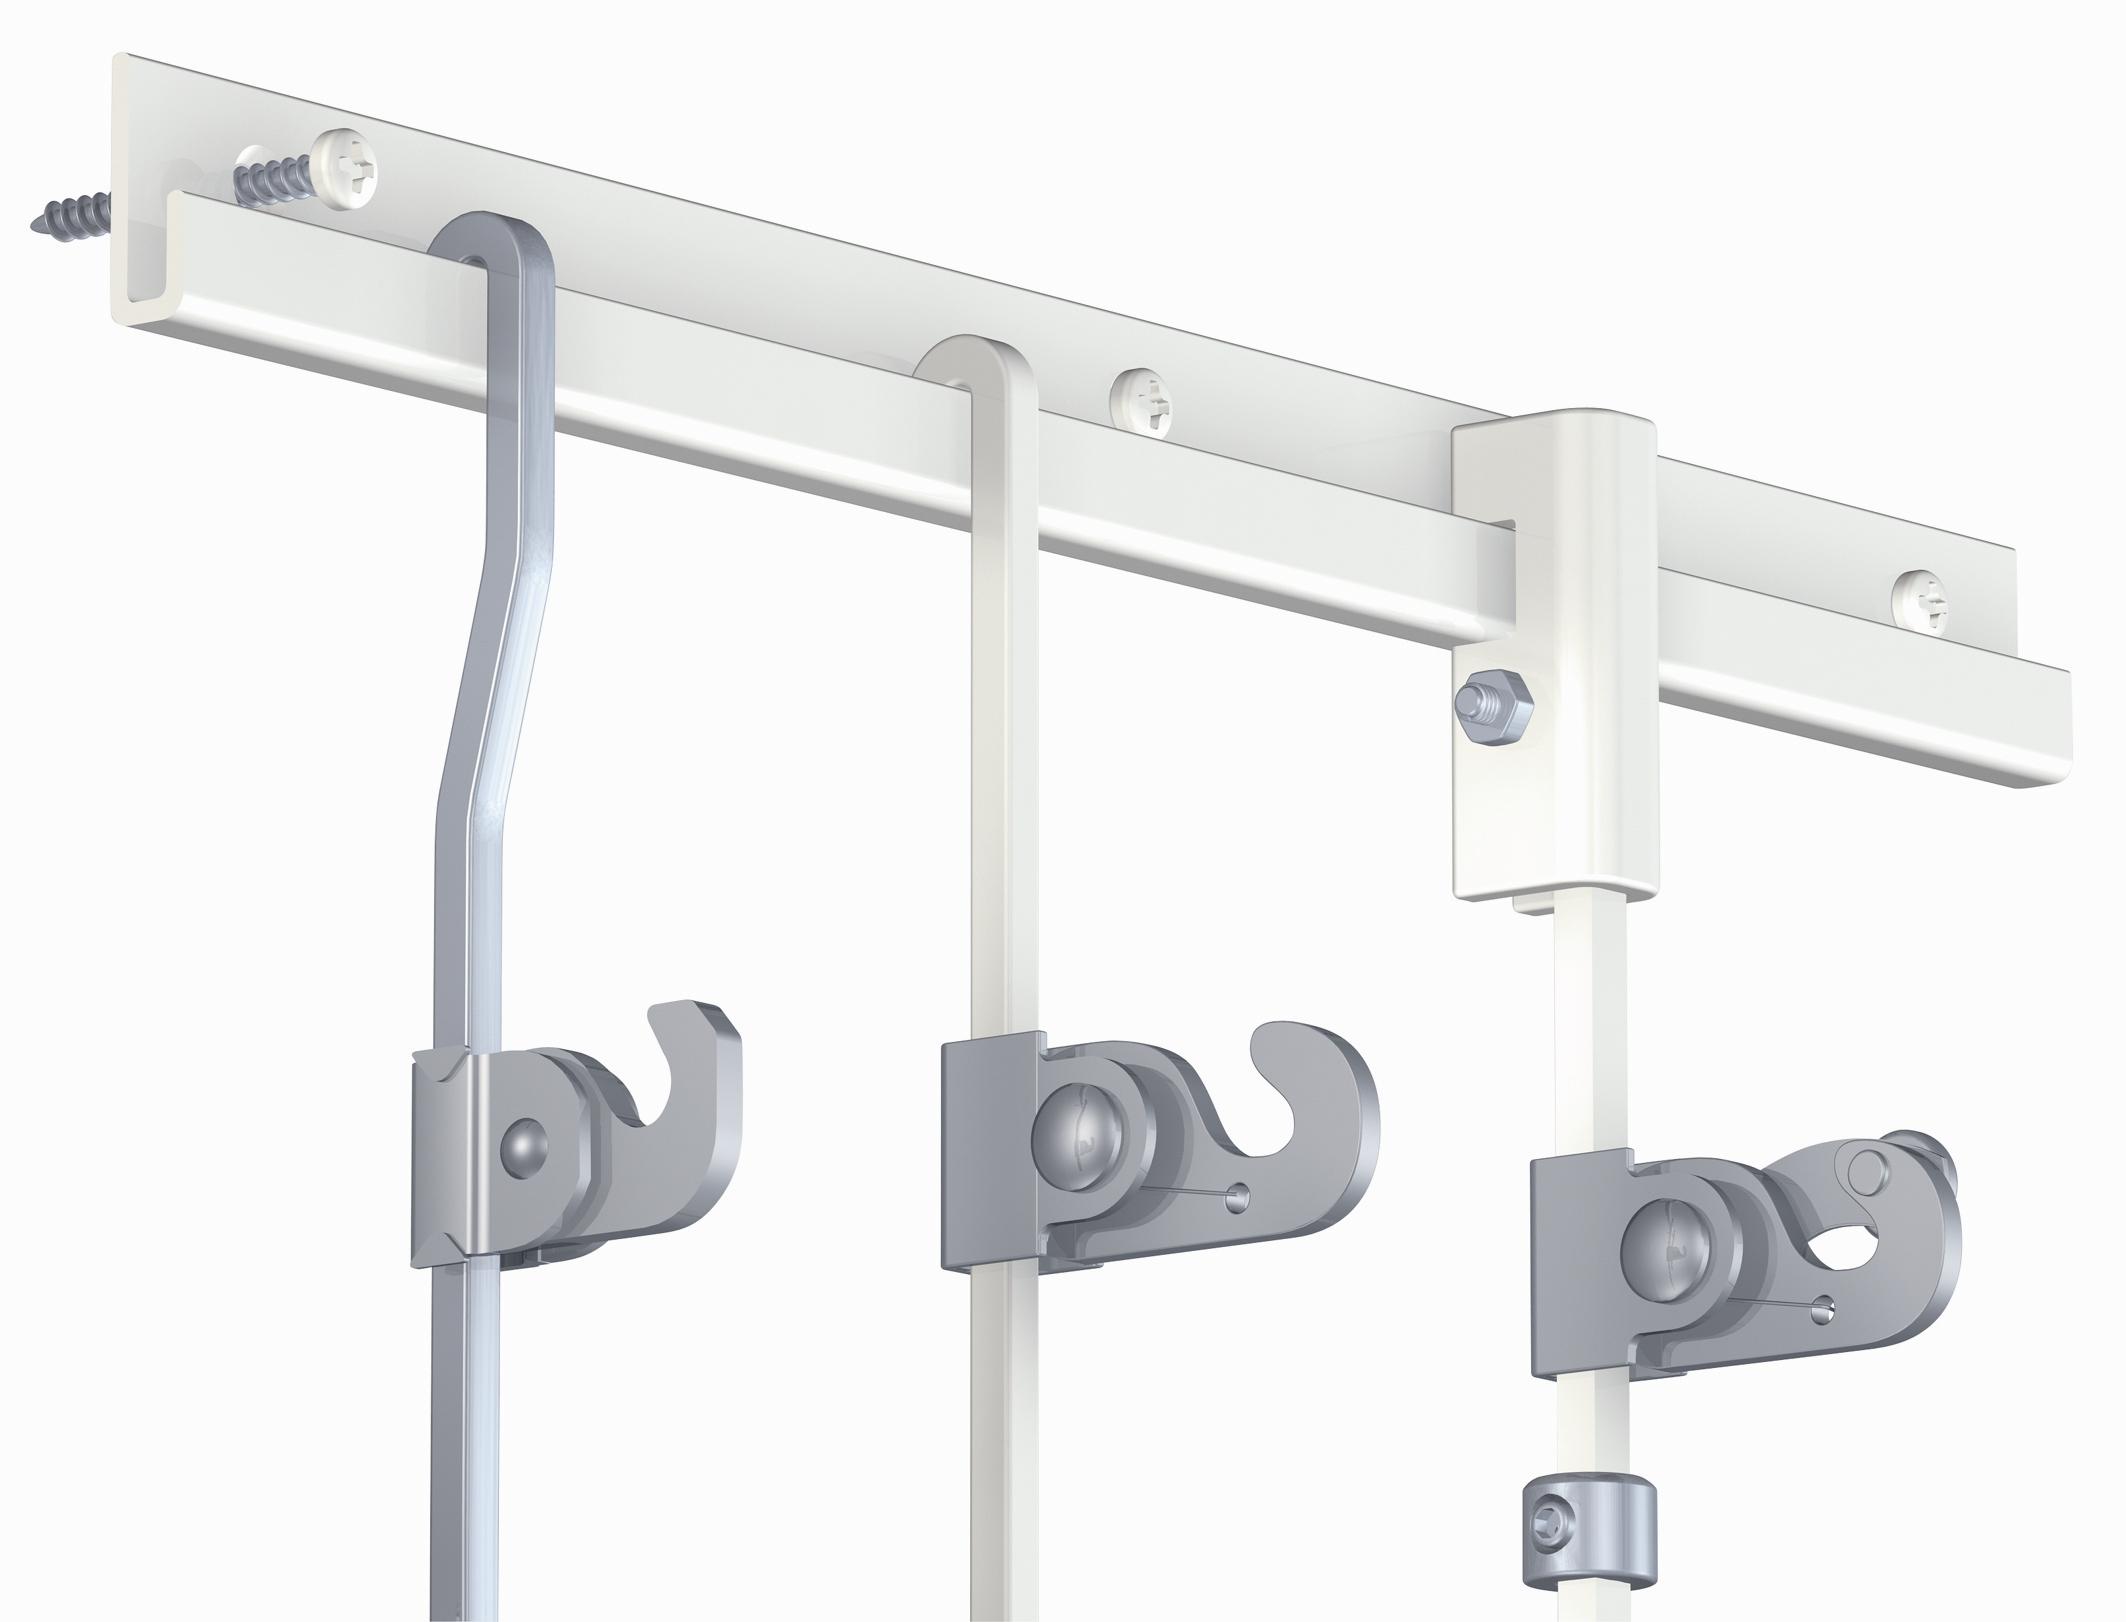 Système de sécurité complet (crochet + anneau + système de blocage haut)